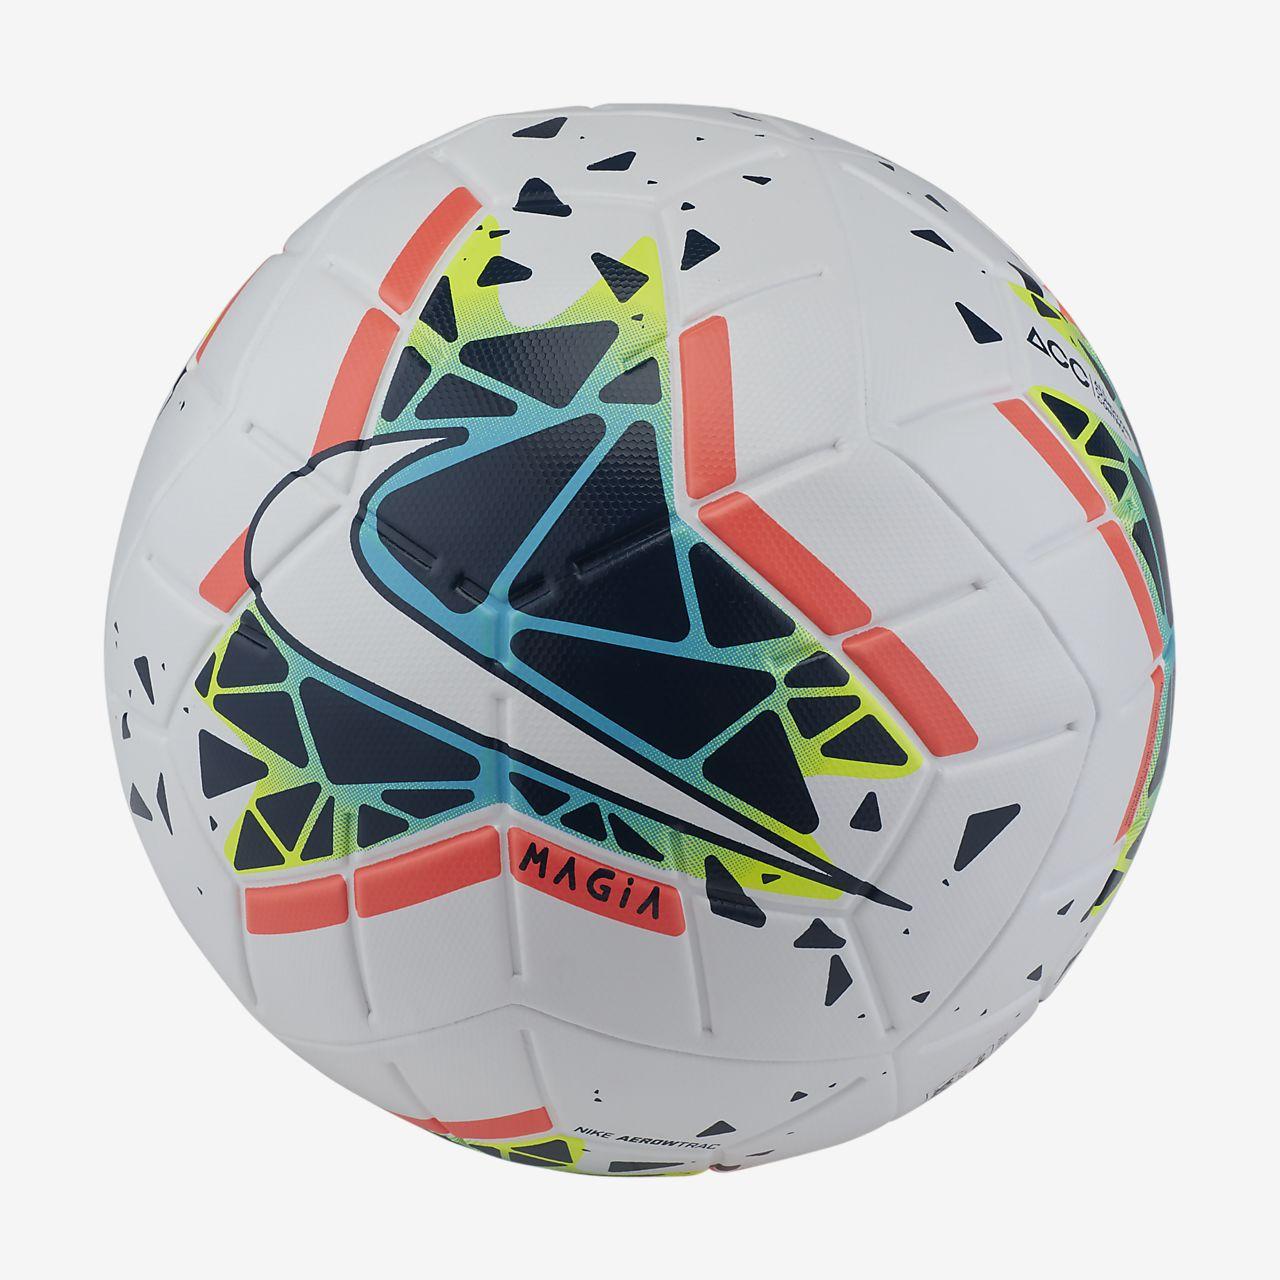 Nigeria Magia fotball